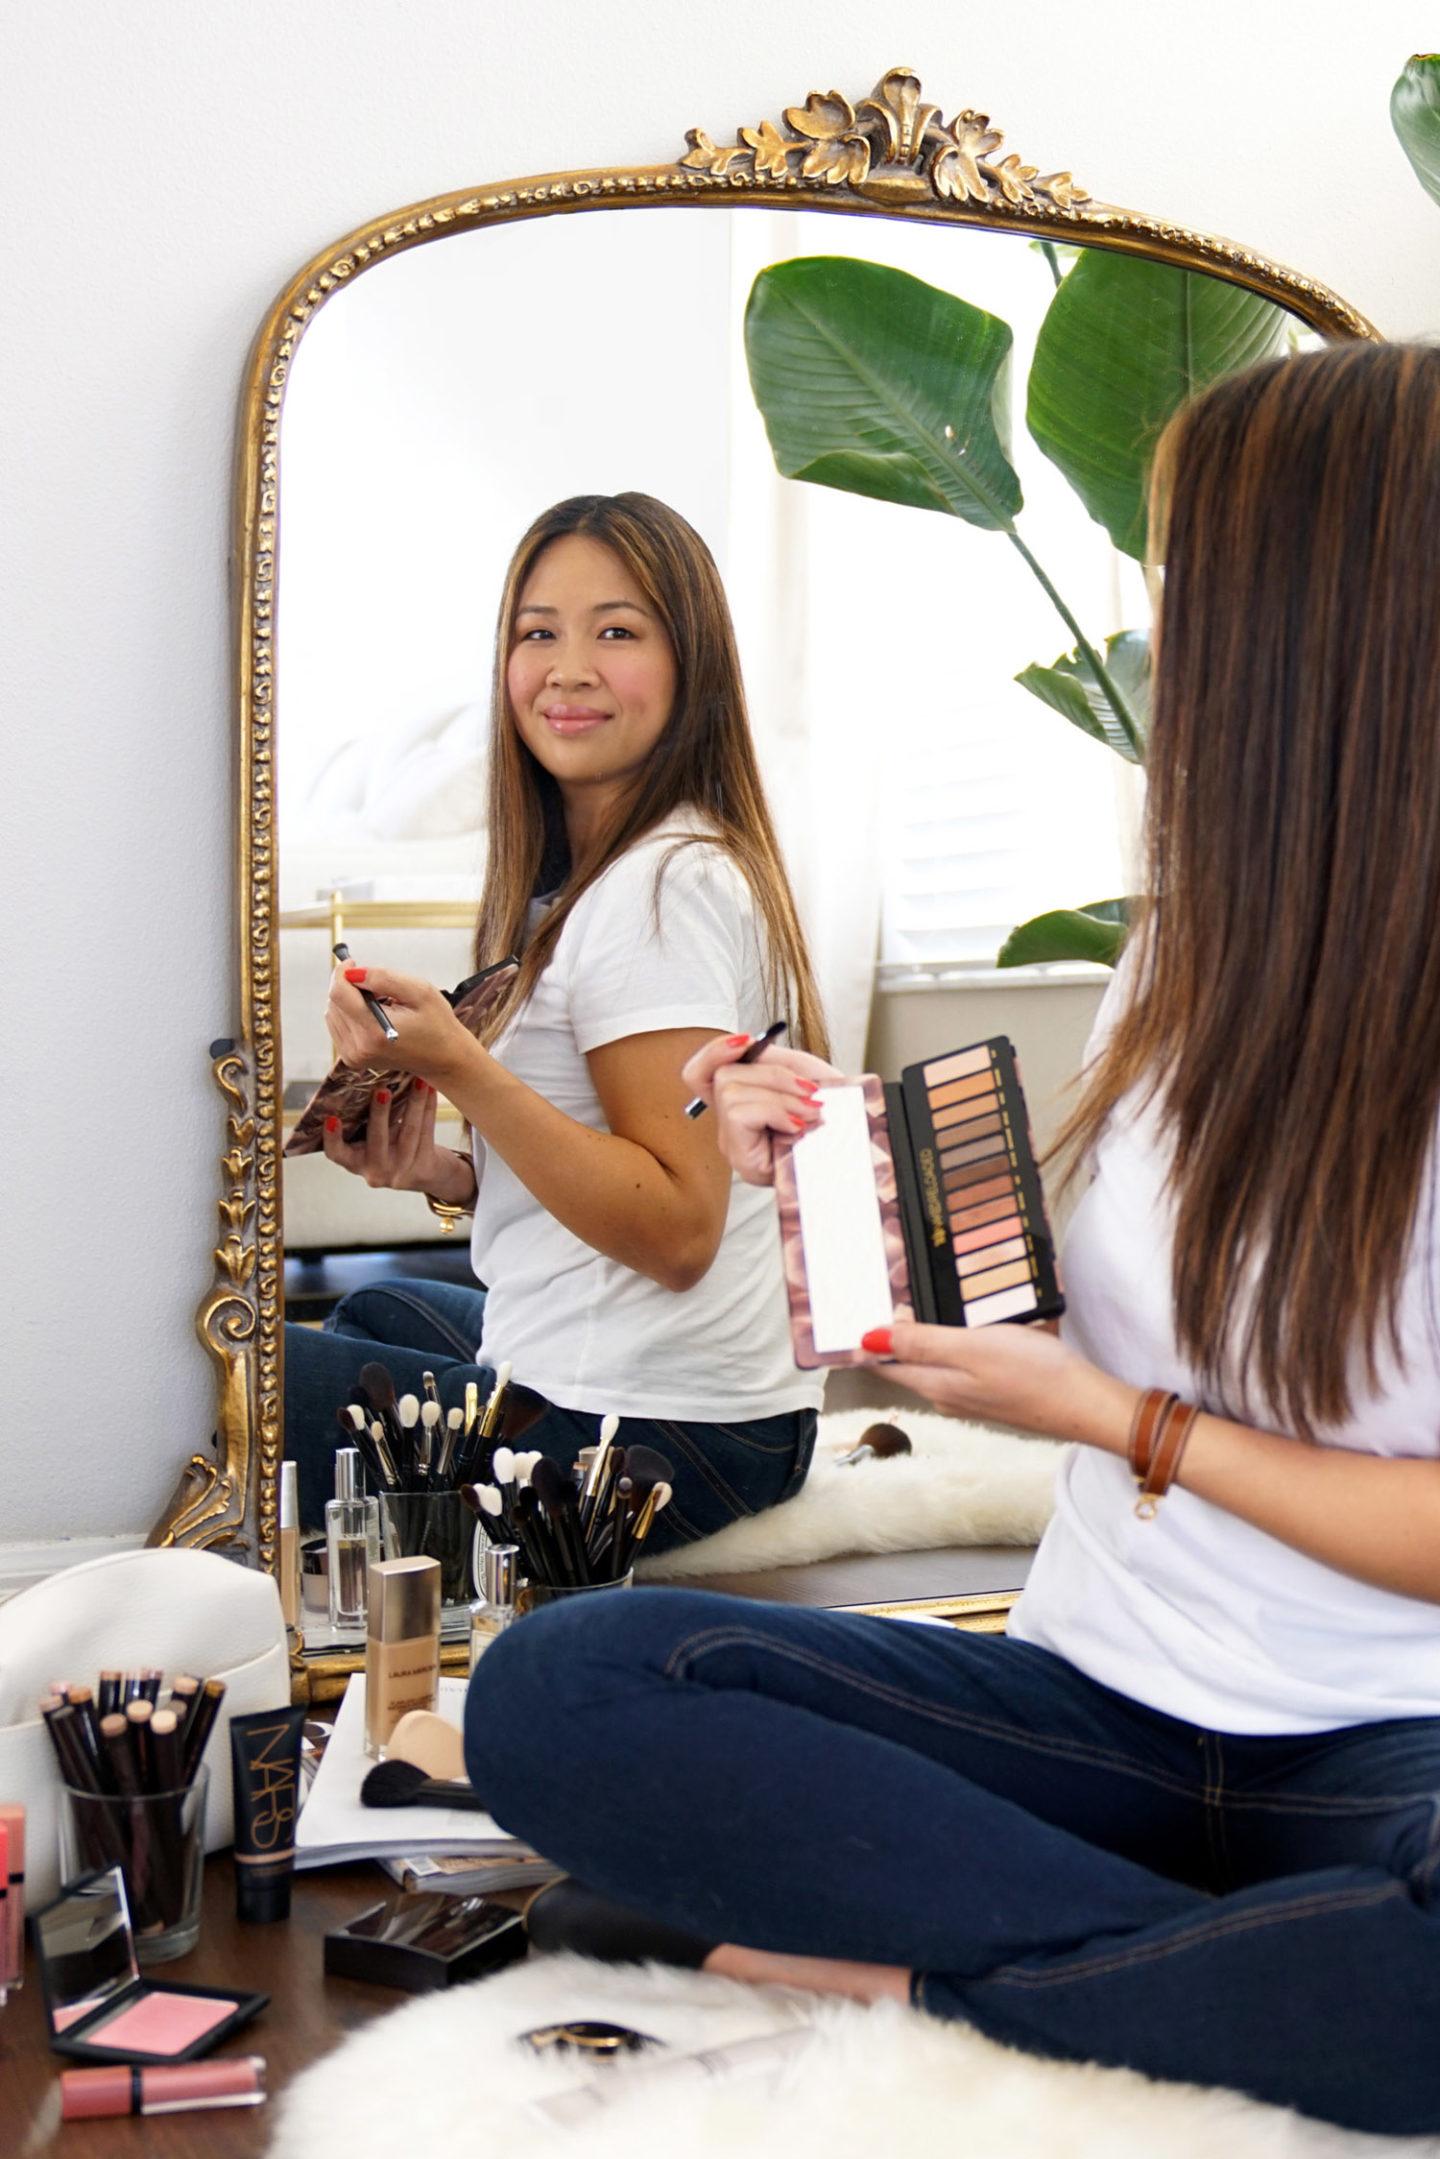 Les indispensables maquillage de printemps de Sephora | Le look book beauté